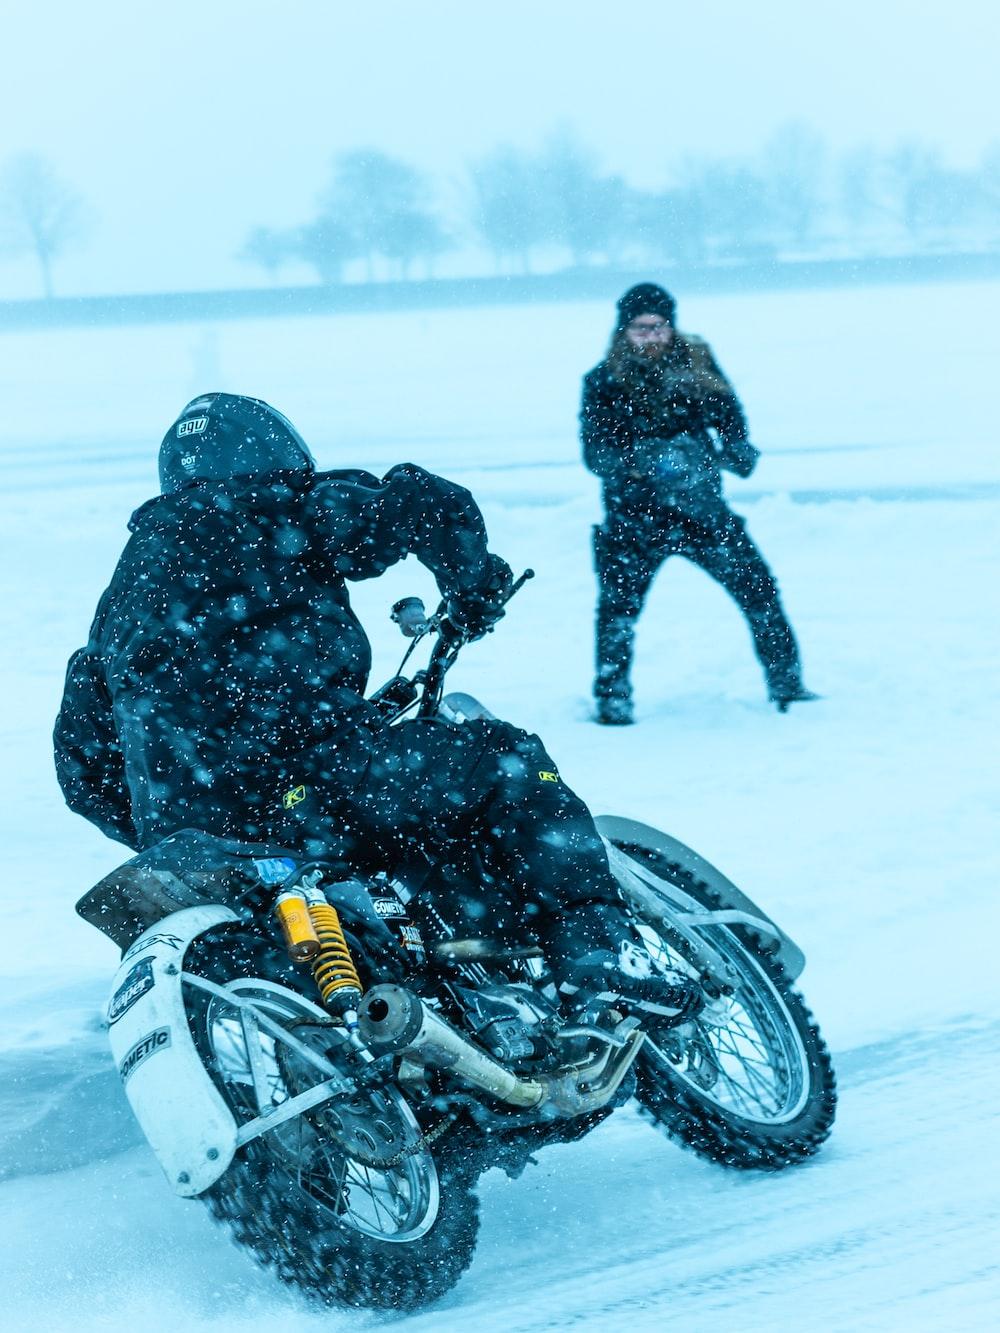 man riding motorcycle at snow